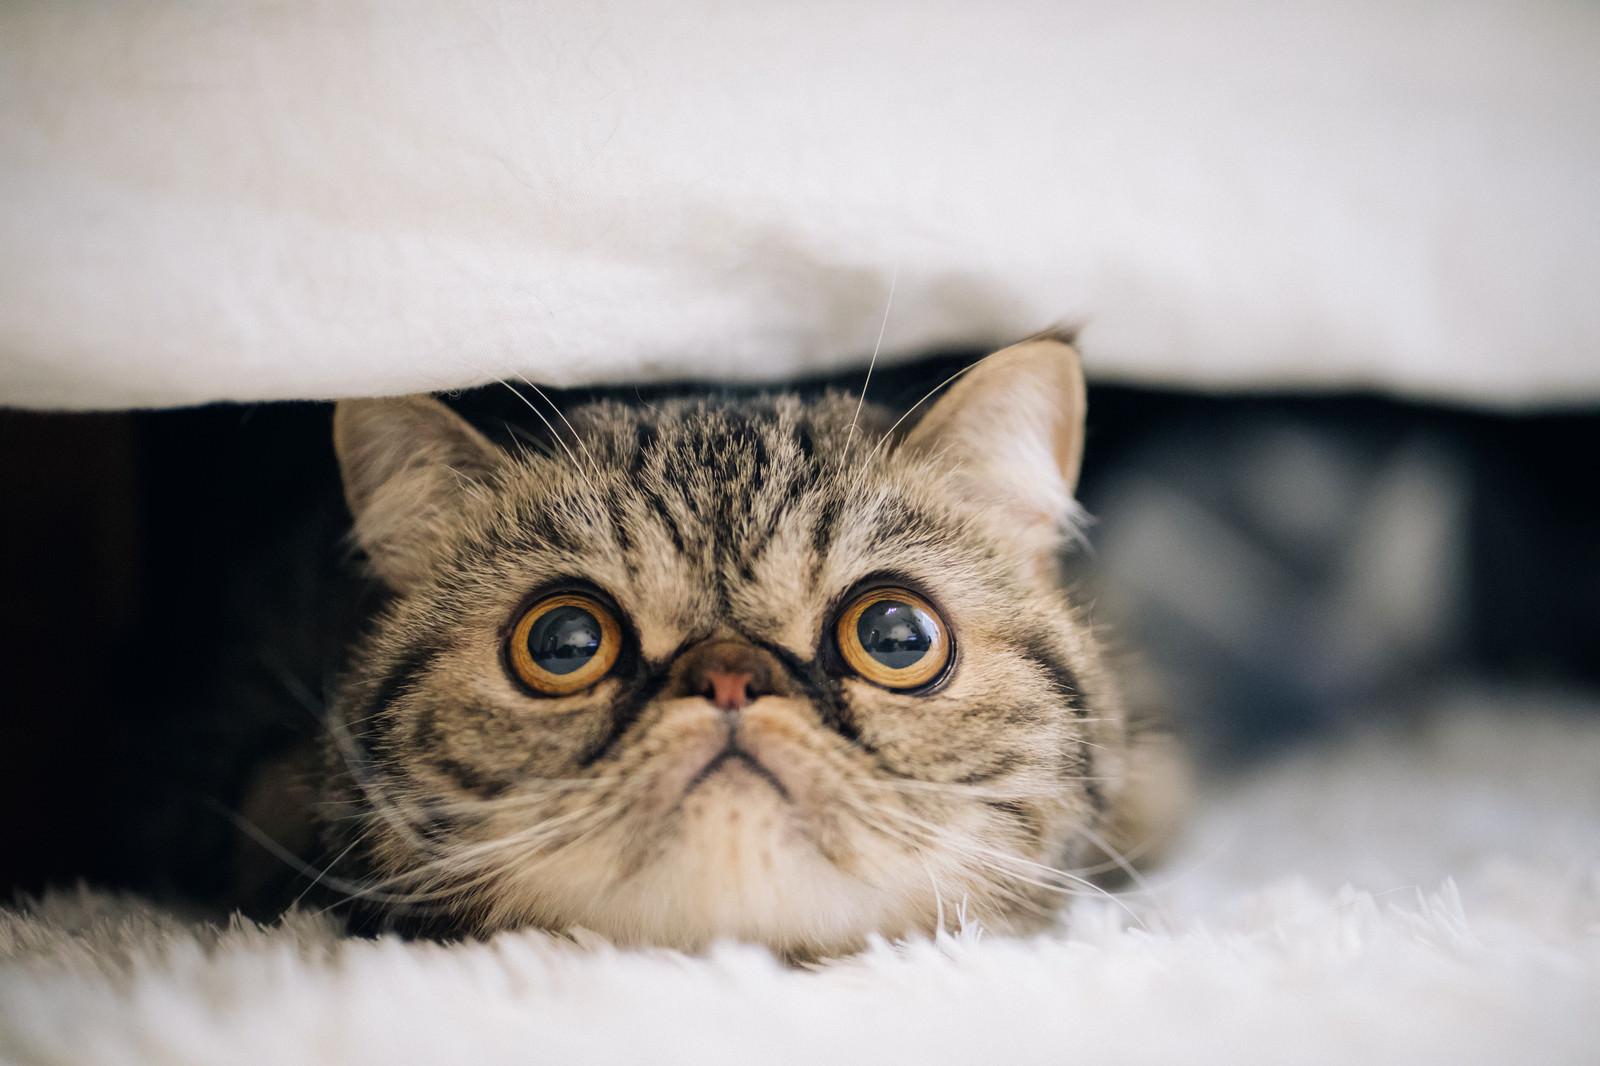 「目を見開いた猫(エキゾチックショートヘア)目を見開いた猫(エキゾチックショートヘア)」のフリー写真素材を拡大